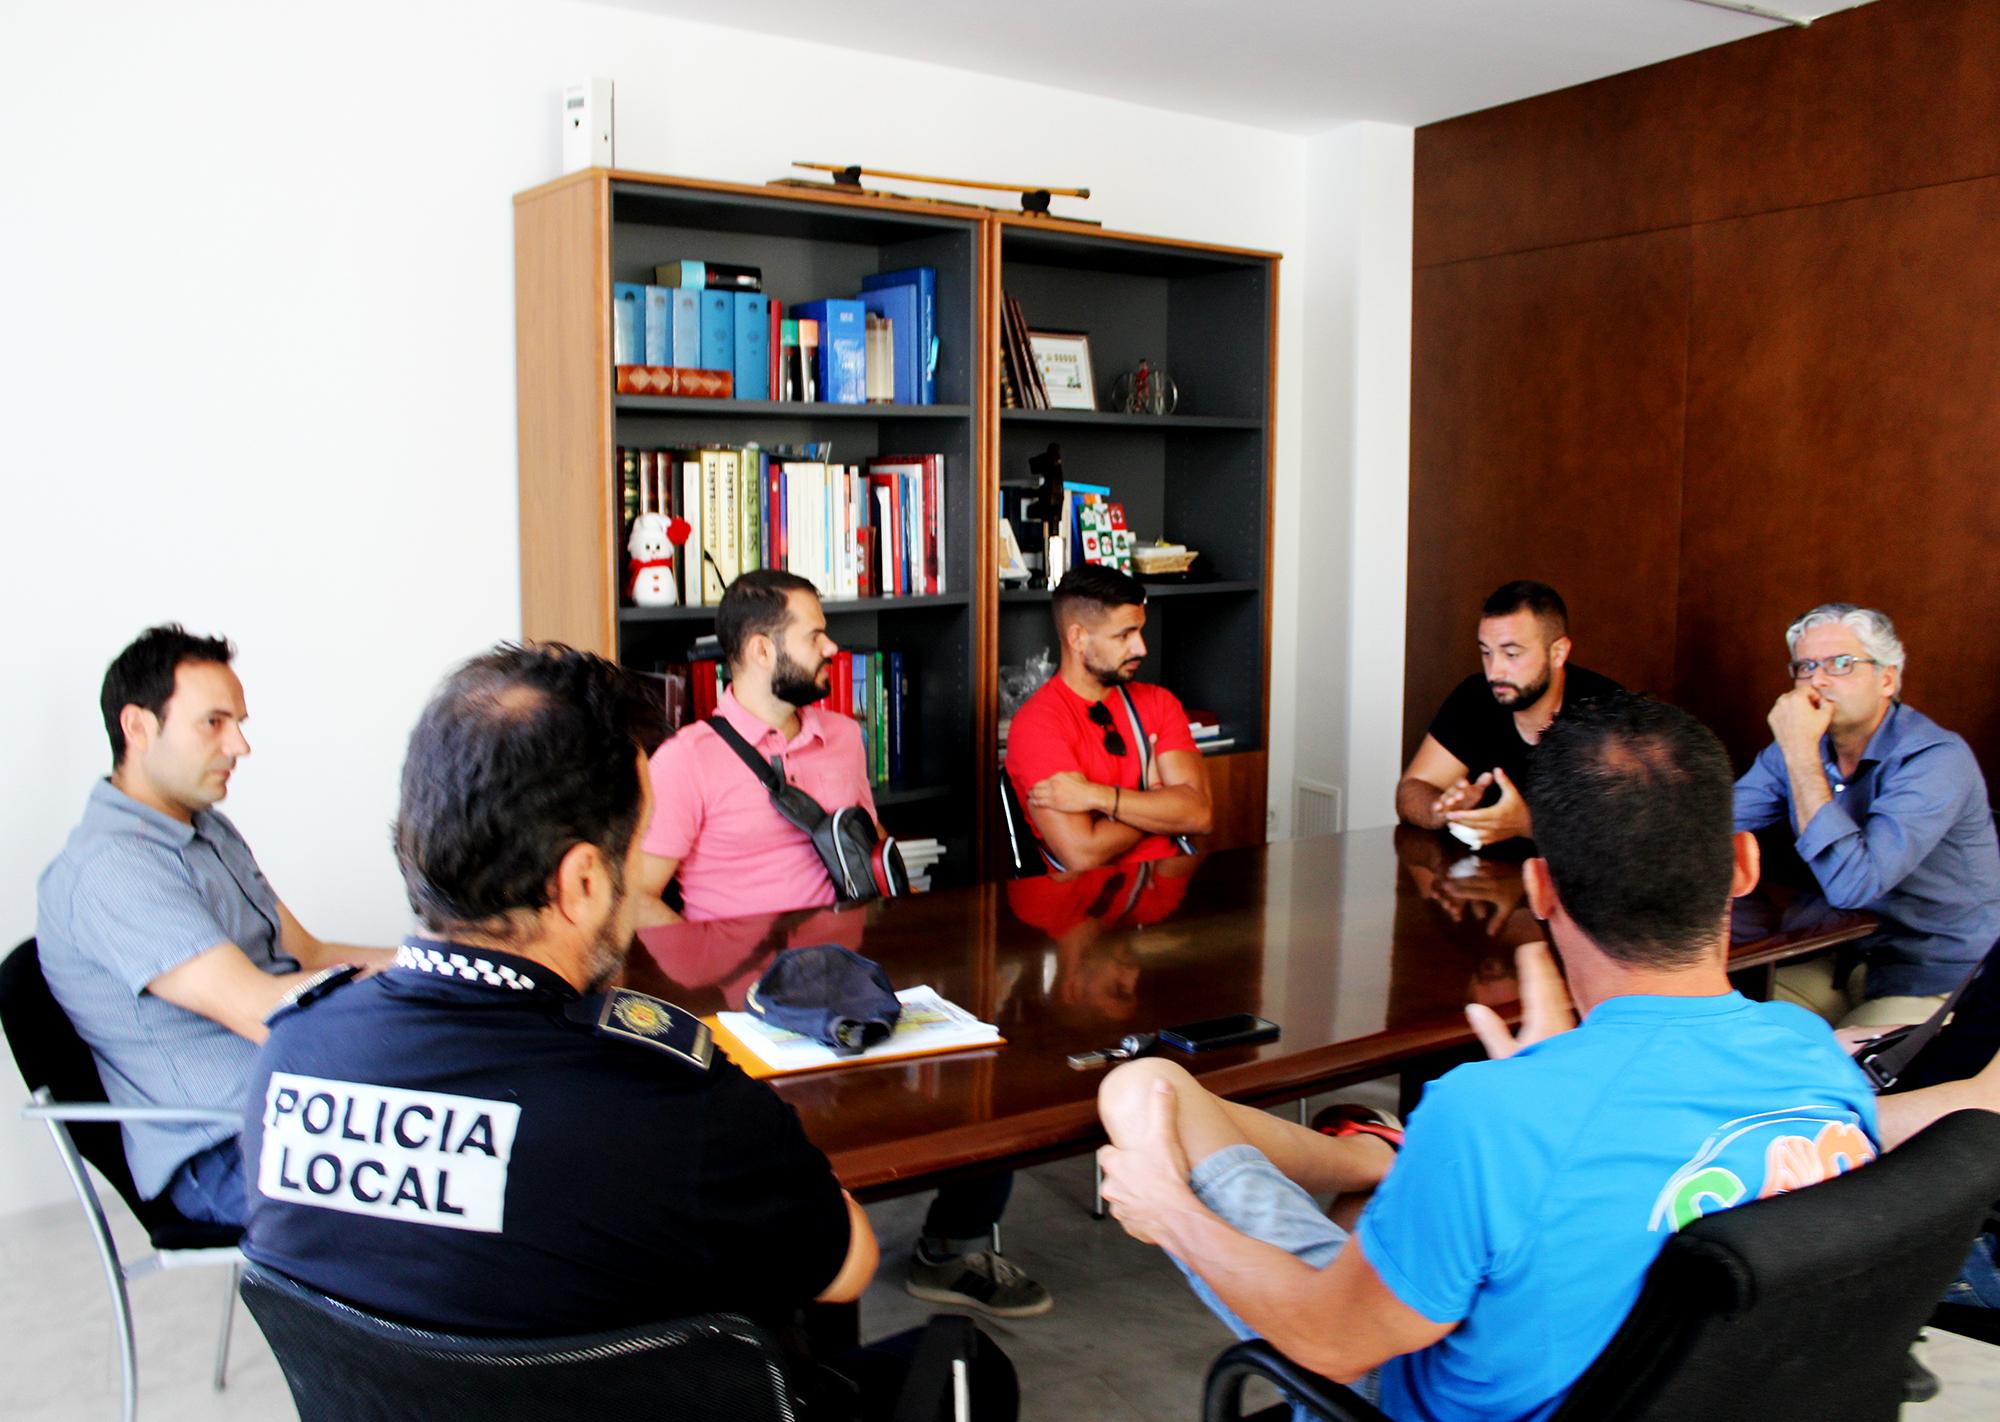 Ha tingut lloc este matí a l'Ajuntament de Vilamarxant amb la presència de representants municipals, cossos de seguretat i propietaris dels magatzems locals implicats.